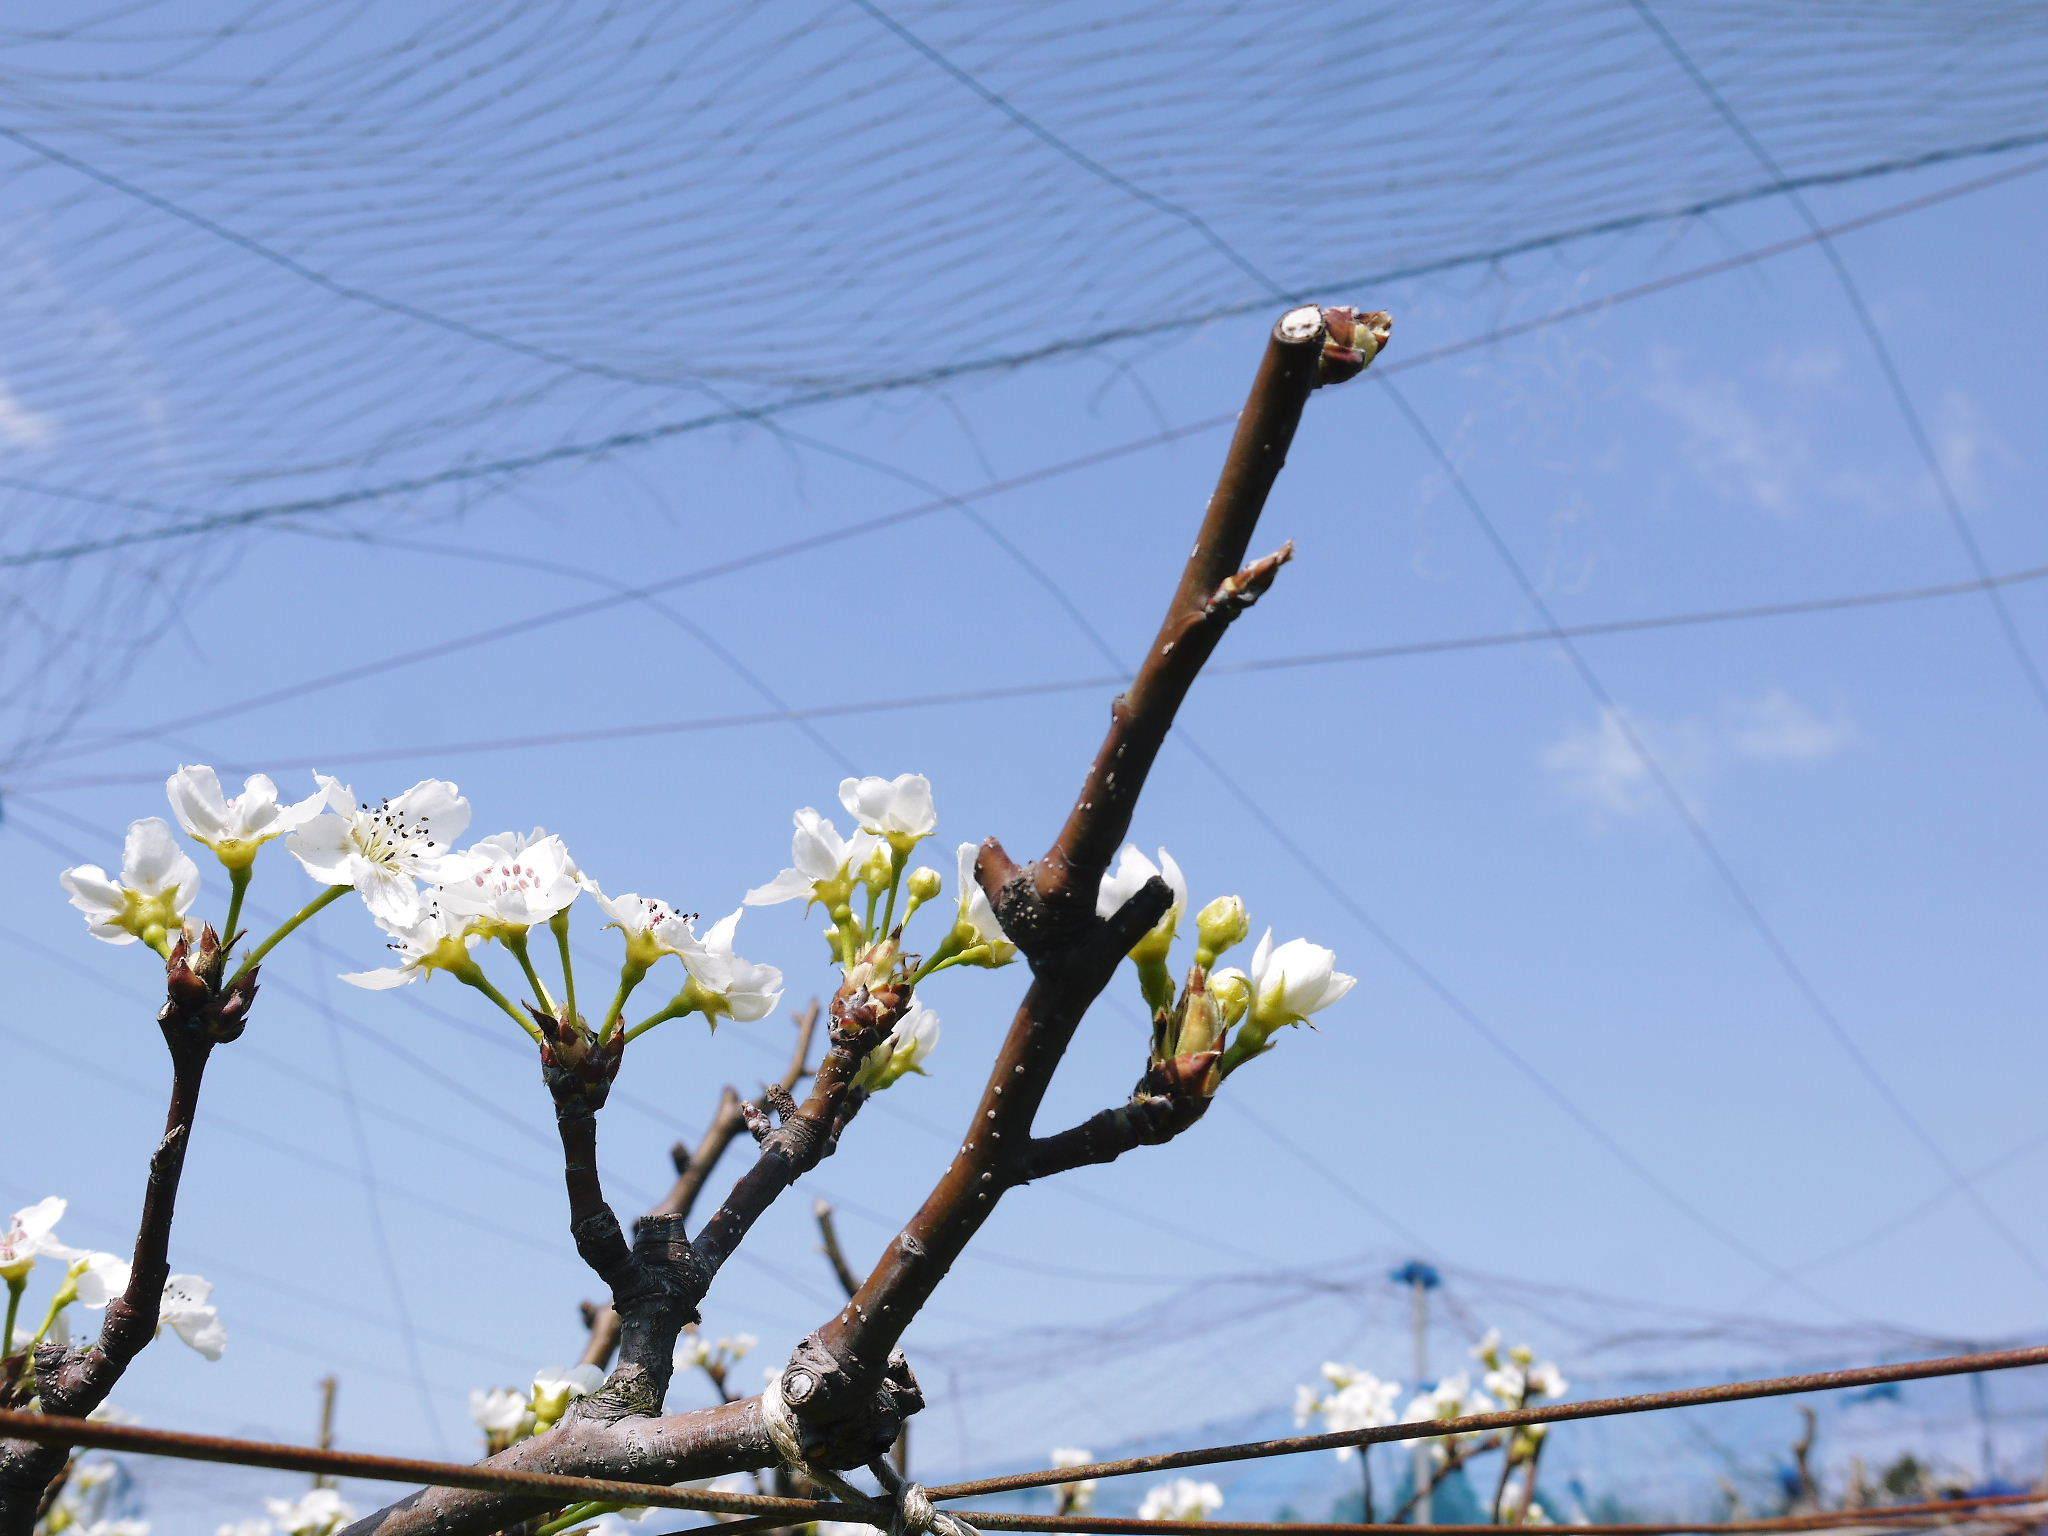 熊本梨 岩永農園 気温の上昇と共に、まずは最後に収穫する新高の花が咲き誇っていました_a0254656_19034766.jpg